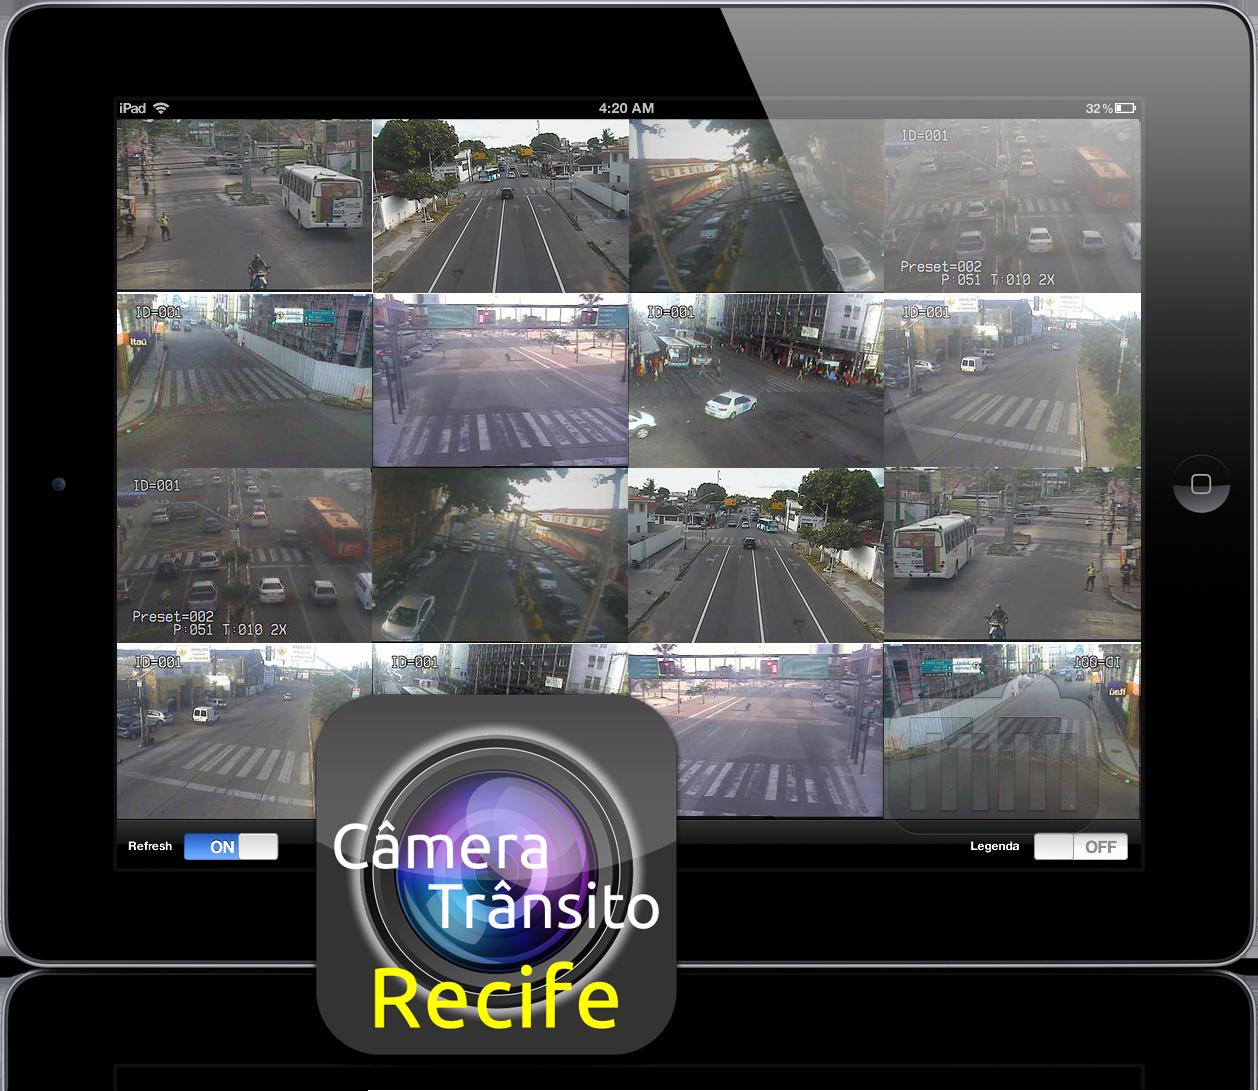 Câmera Trânsito Recife no iPad